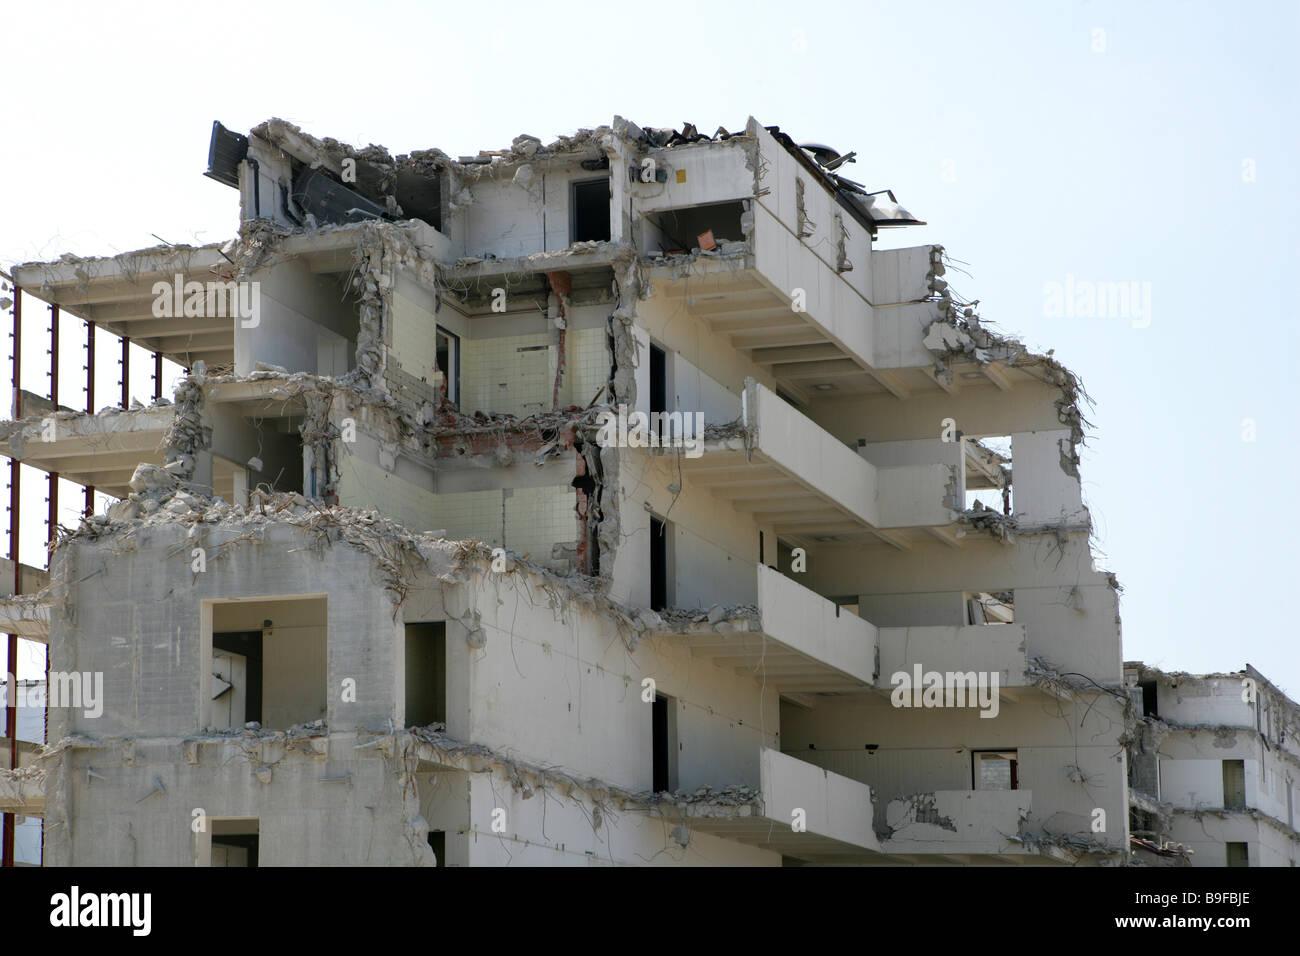 Alemania Baviera Munich resumen antigua residencia casa de demolición demolición rasgado resumen antiguo Imagen De Stock